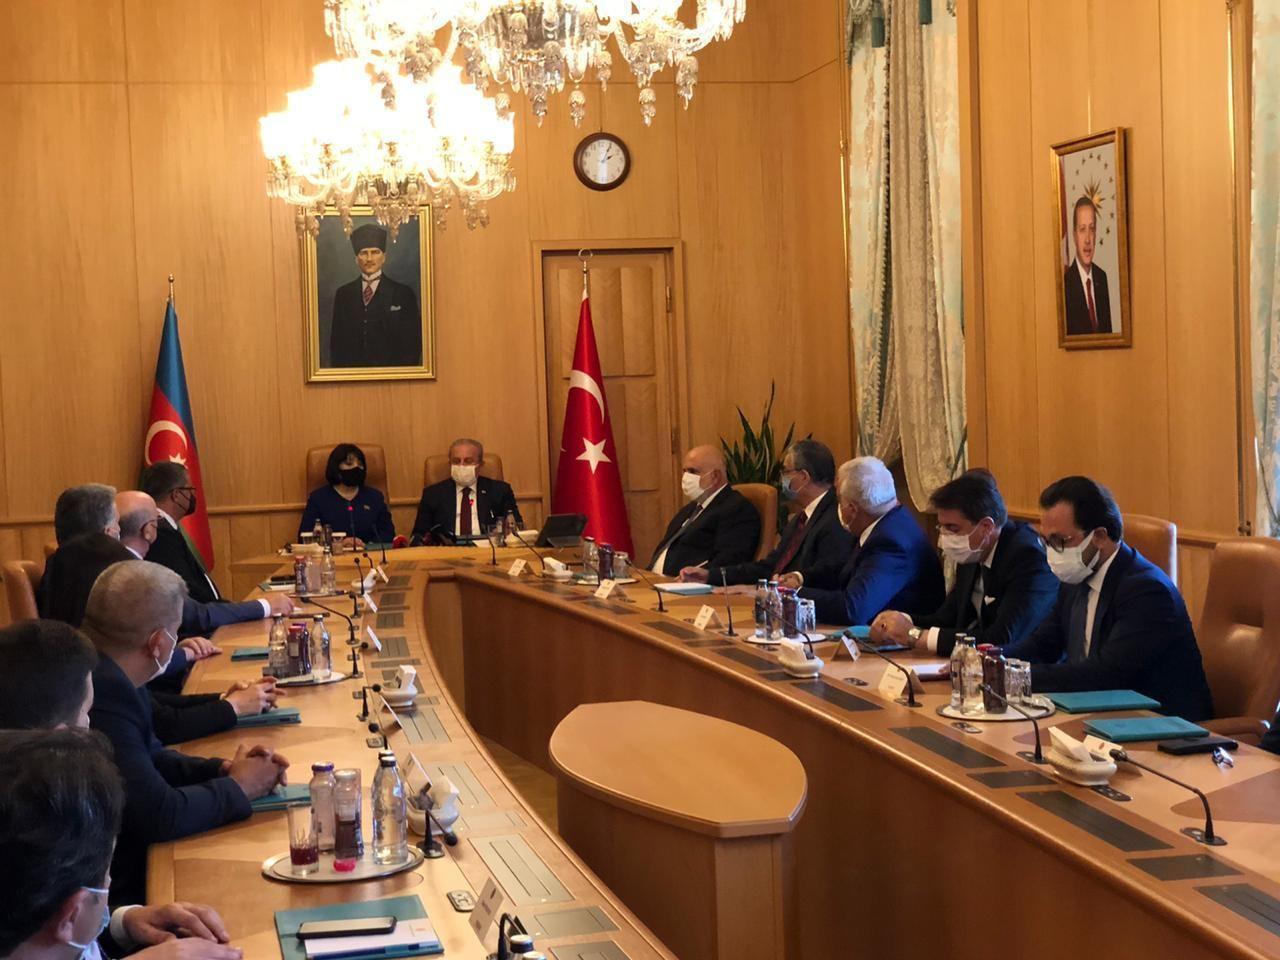 Сахиба Гафарова провела переговоры с председателем Великого Национального собрания Турции